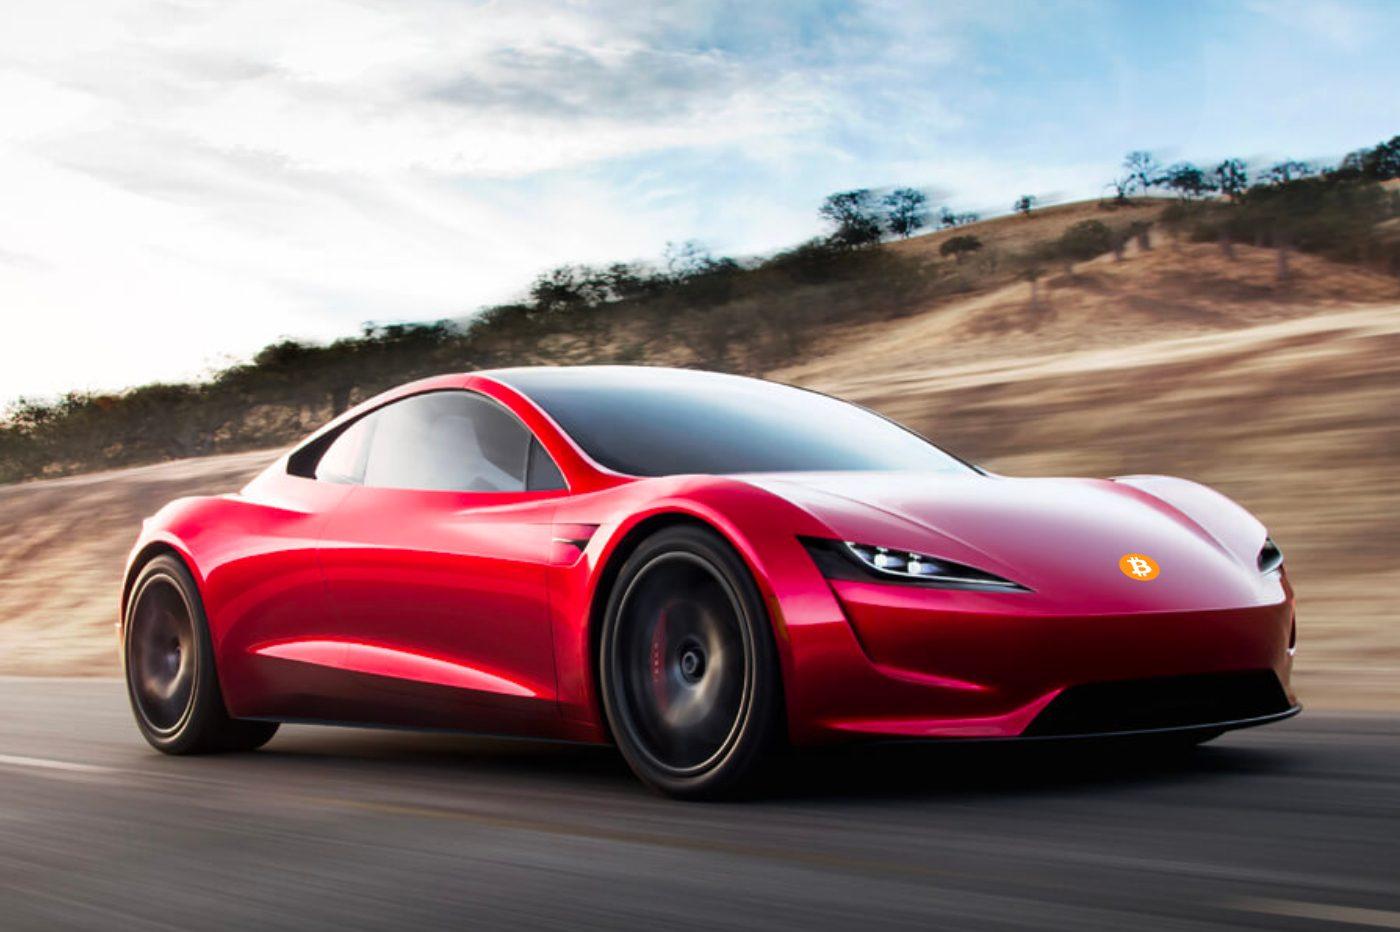 """La """"Tesla Mafia"""", les nouveaux titans de la voiture électrique face à Elon Musk ? - Presse-citron"""